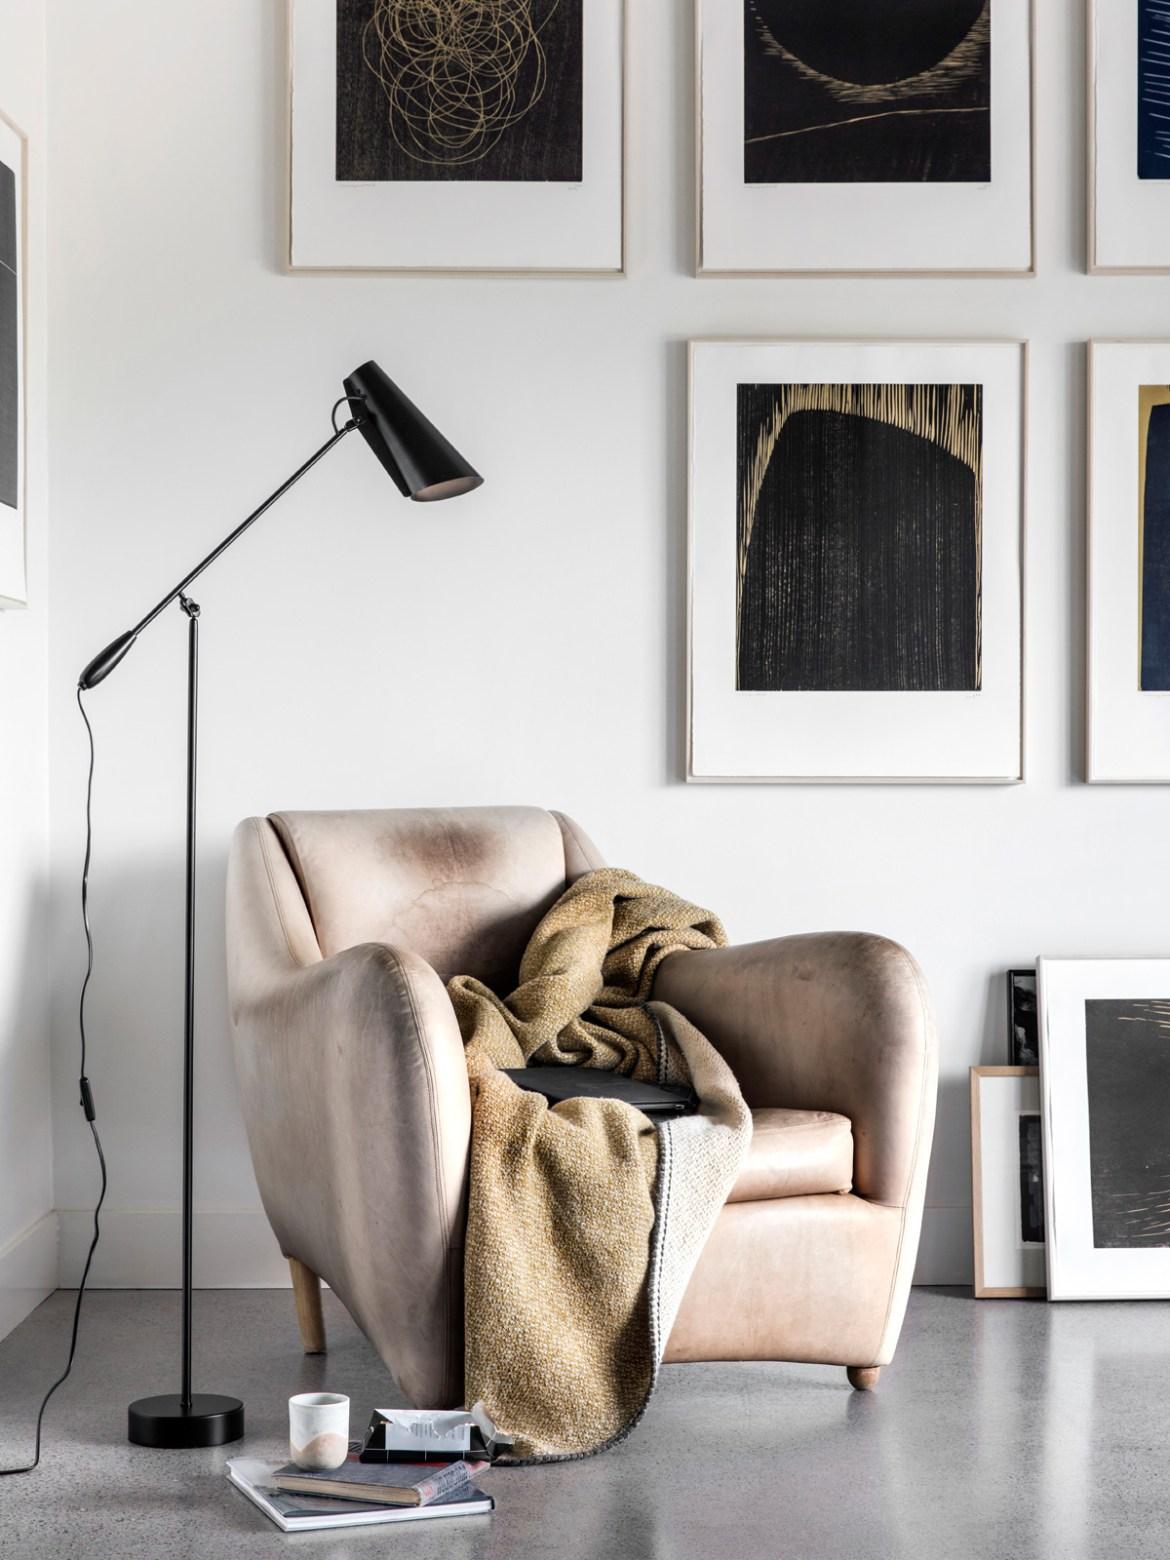 Stehlampe Birdy Floor ganz schwarz Designer im Porträt: Birger Dahl DesignOrt Blog